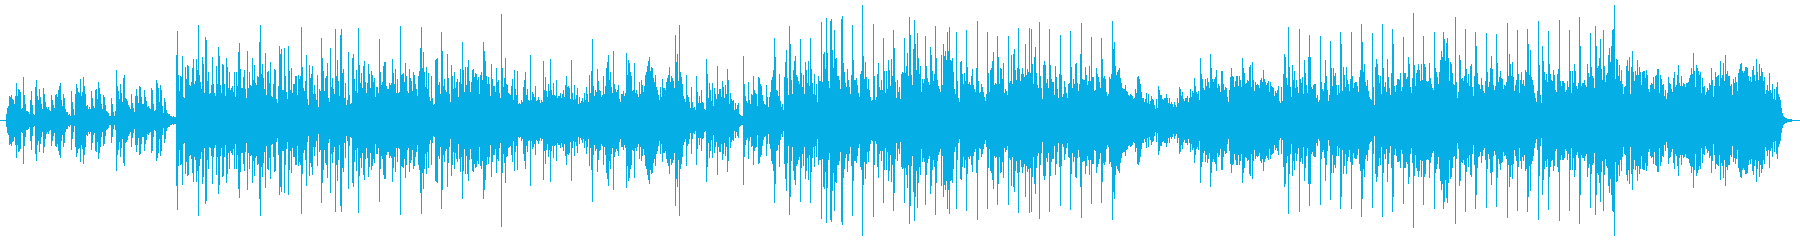 ピアノ+箏+シンセベースのインスト曲の再生済みの波形